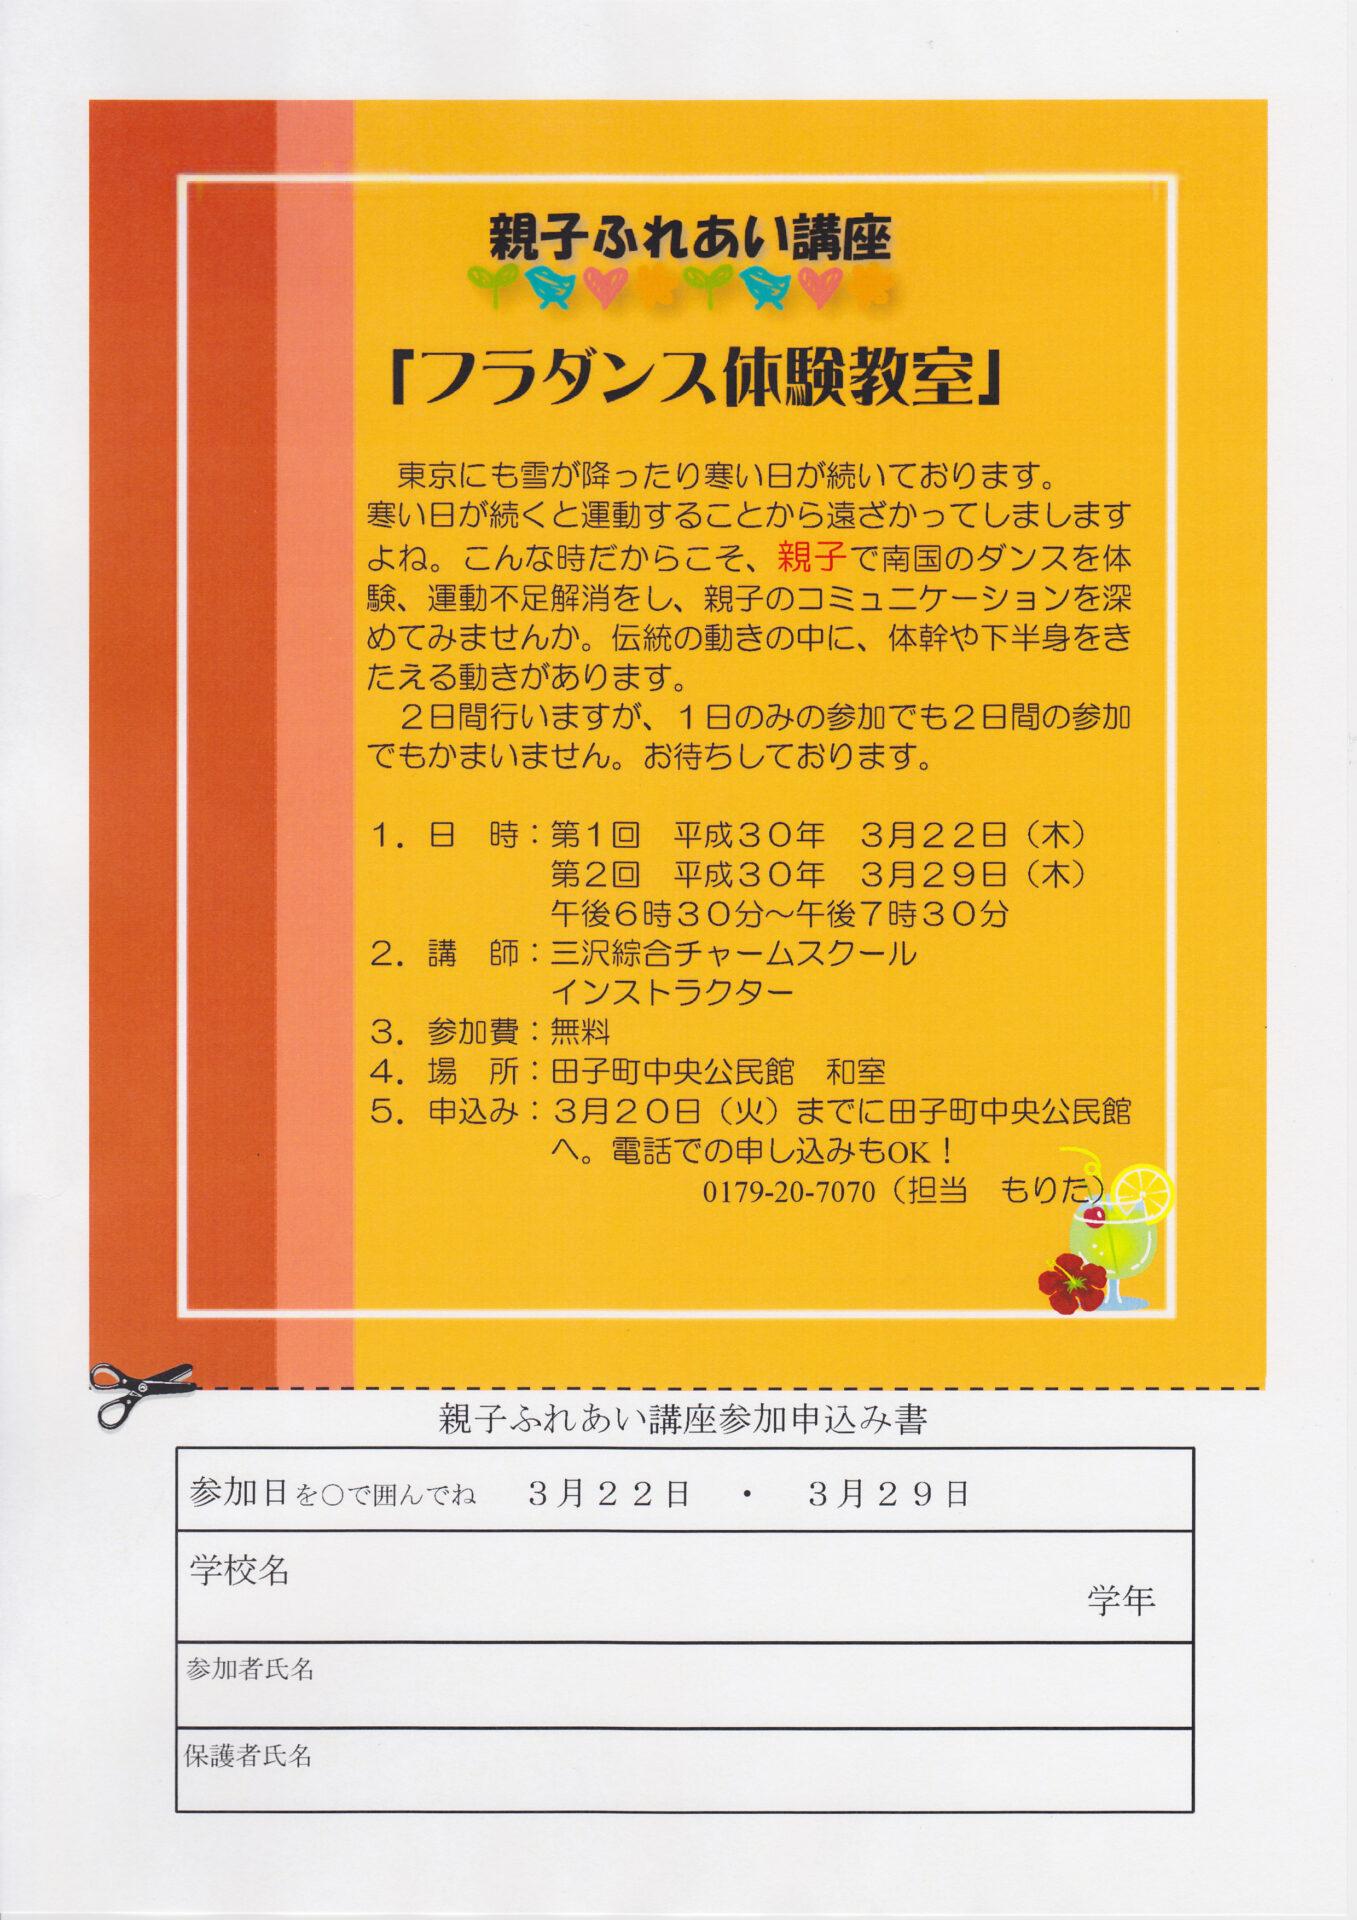 田子 親子ふれあい講座 フラダンス体験教室 参加申込書